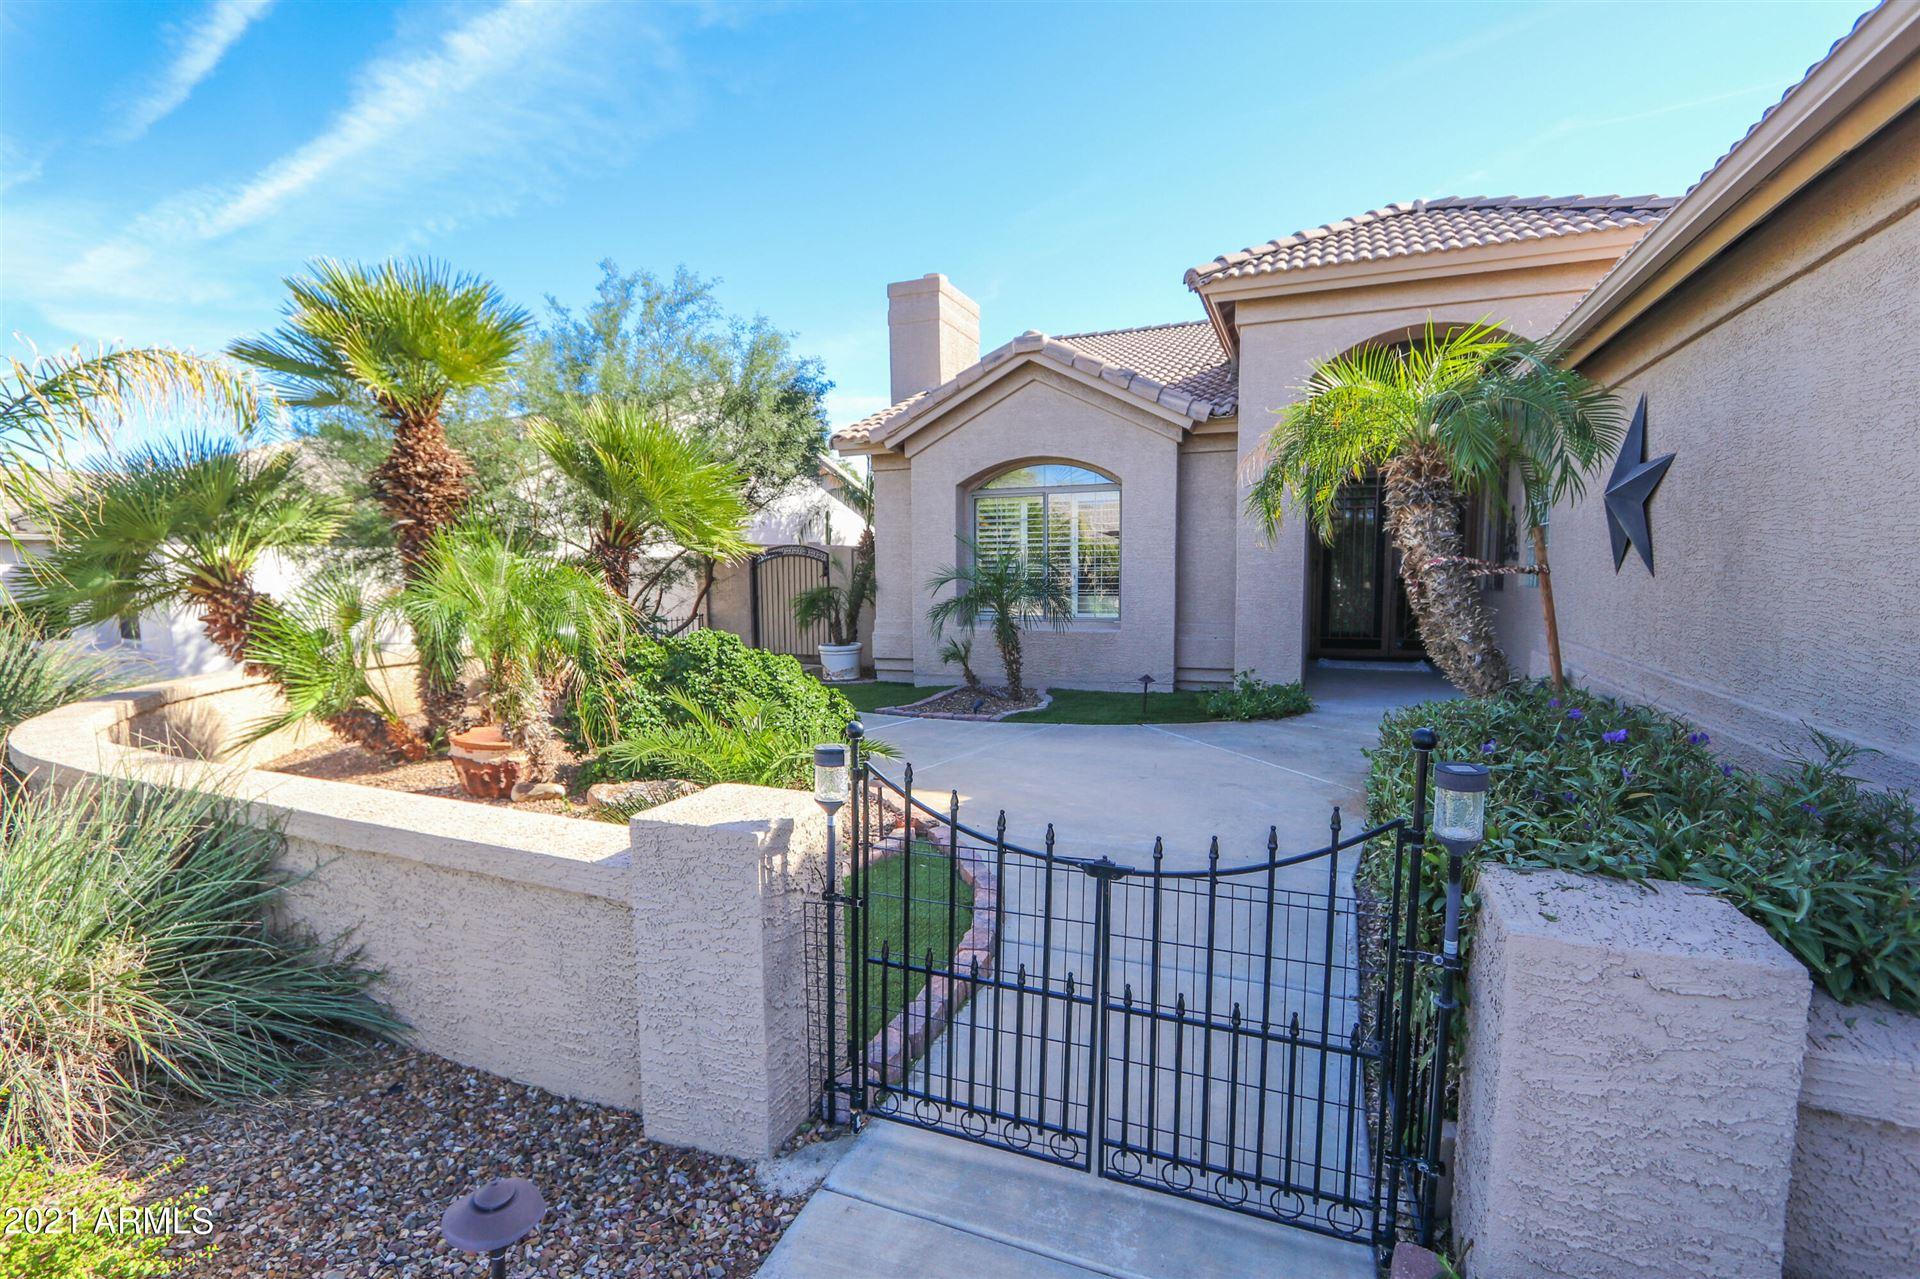 Photo of 9313 E CHAMPAGNE Drive, Sun Lakes, AZ 85248 (MLS # 6304438)